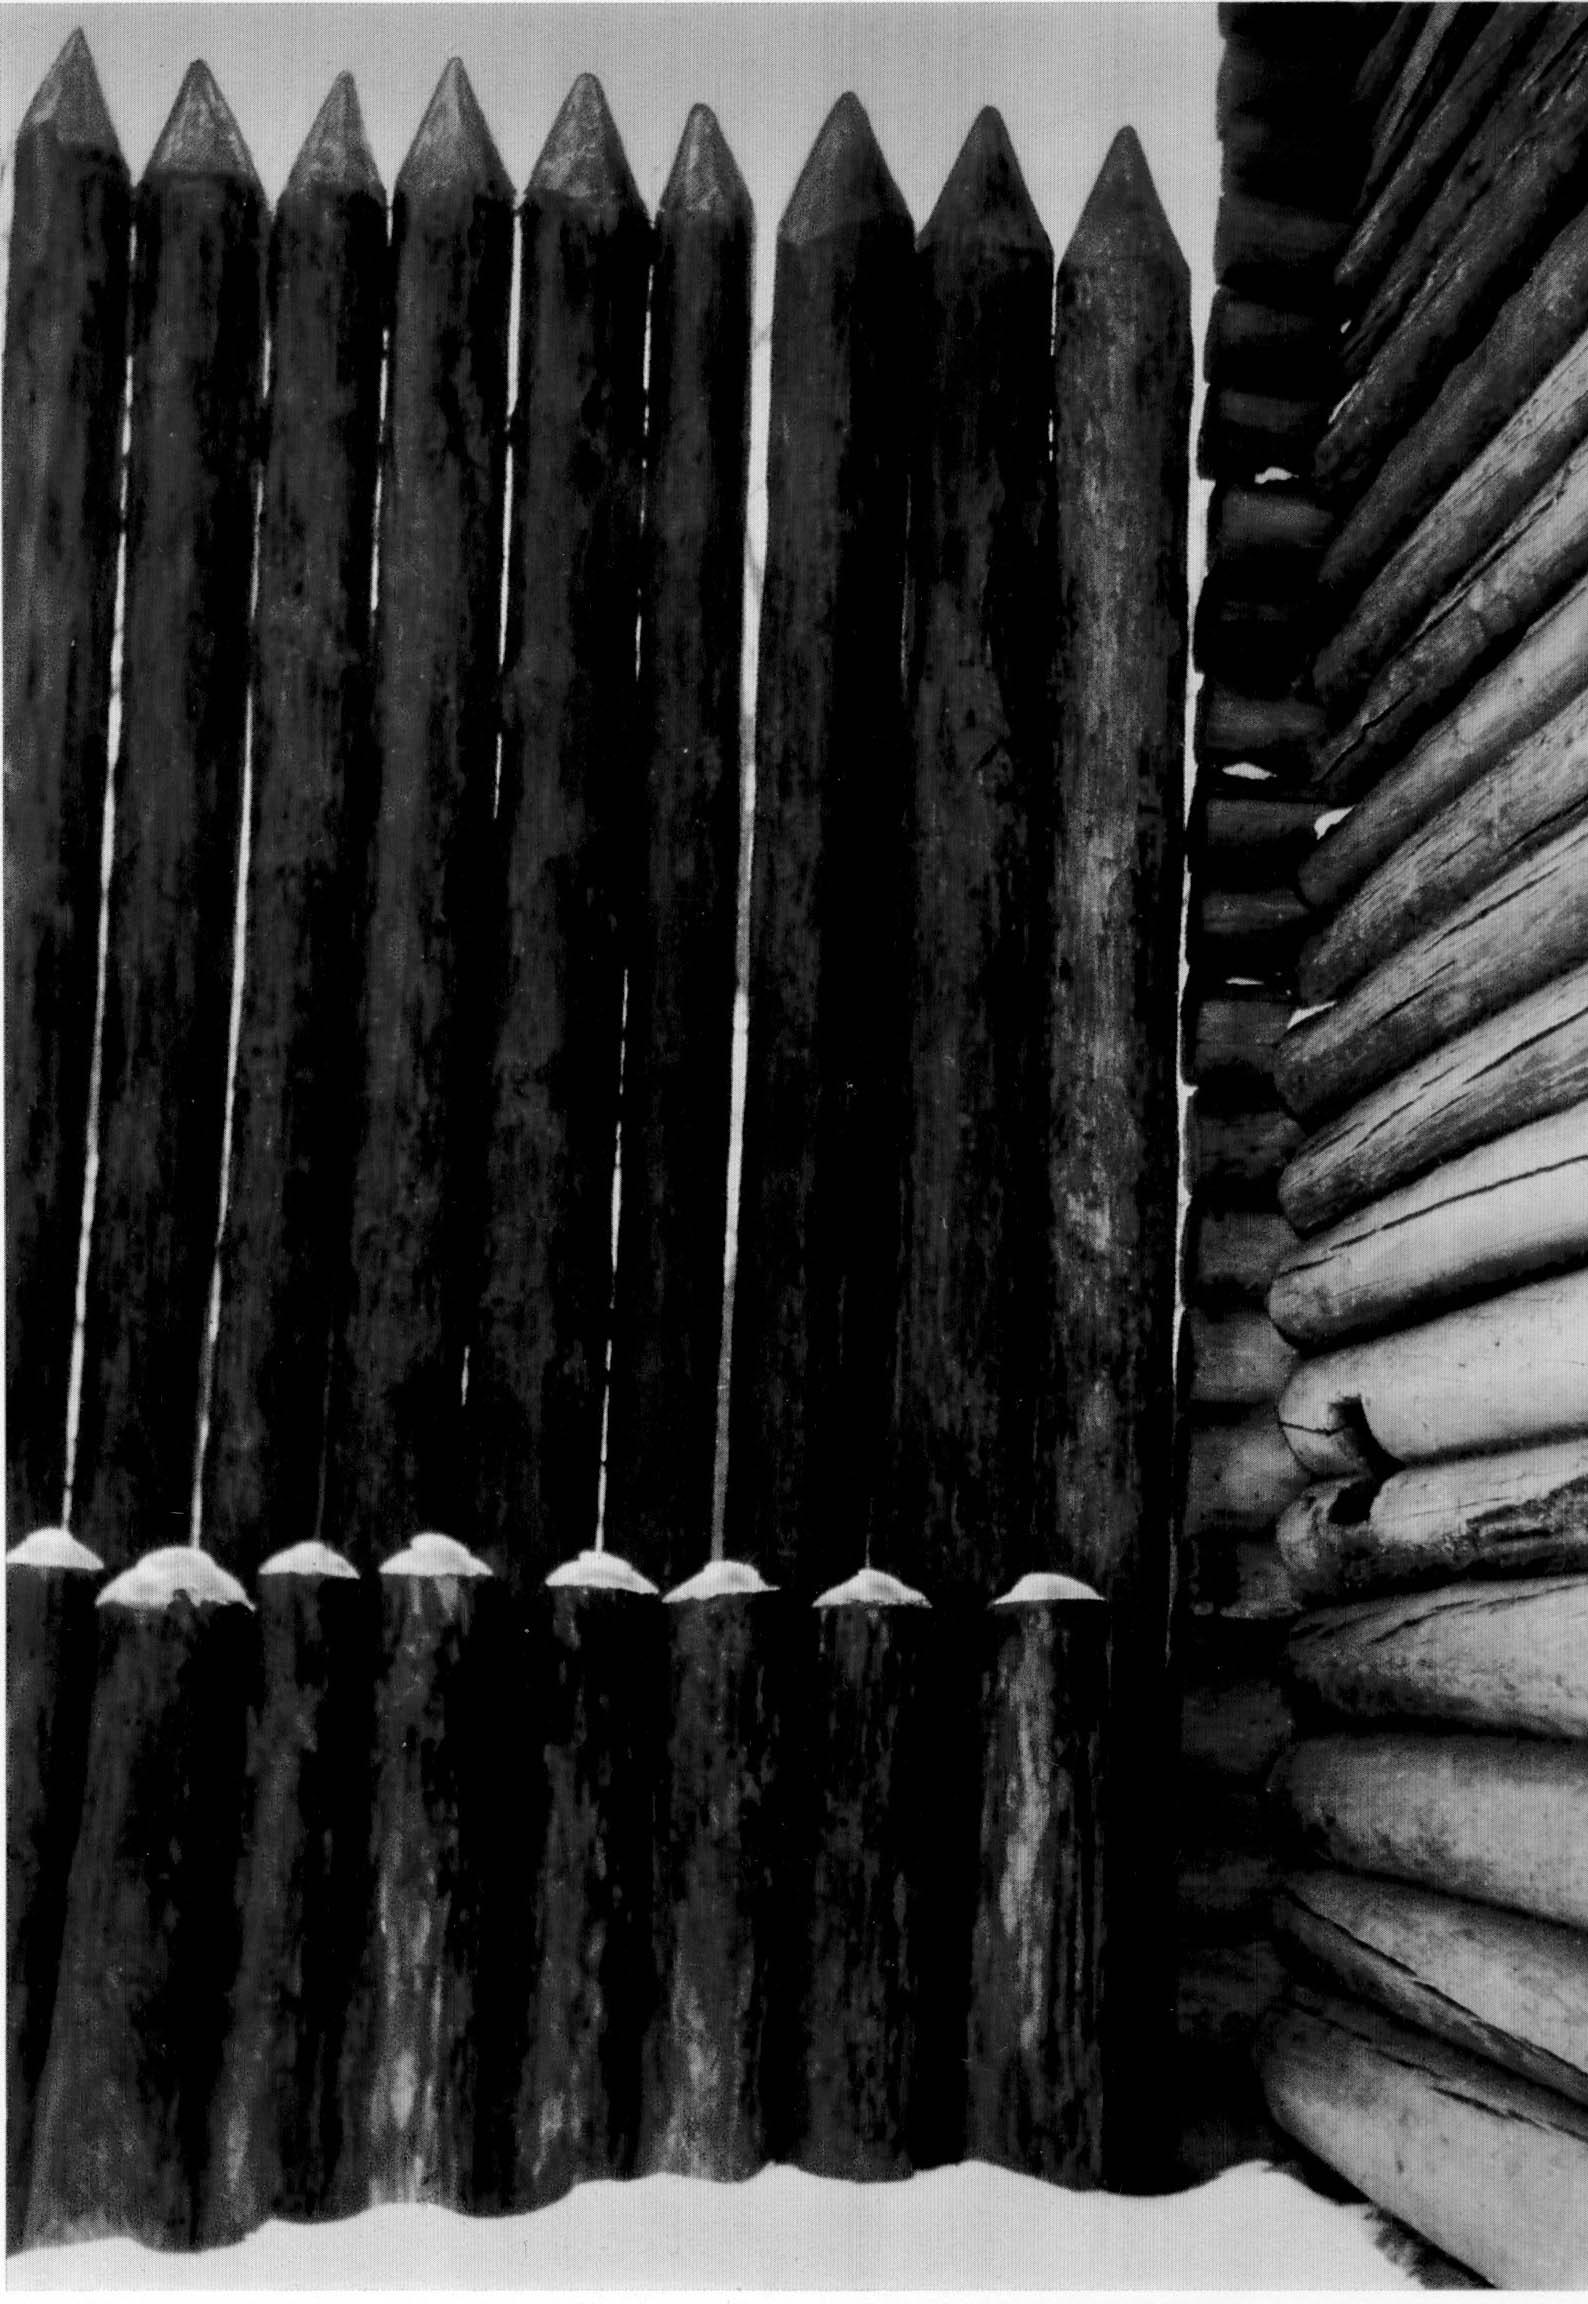 Рис.25. Фрагмент тыновой стены Братского острога сподпорками. По: Крадин Н.П. Русское деревянное оборонное зодчество. М., 1988, рис.3.